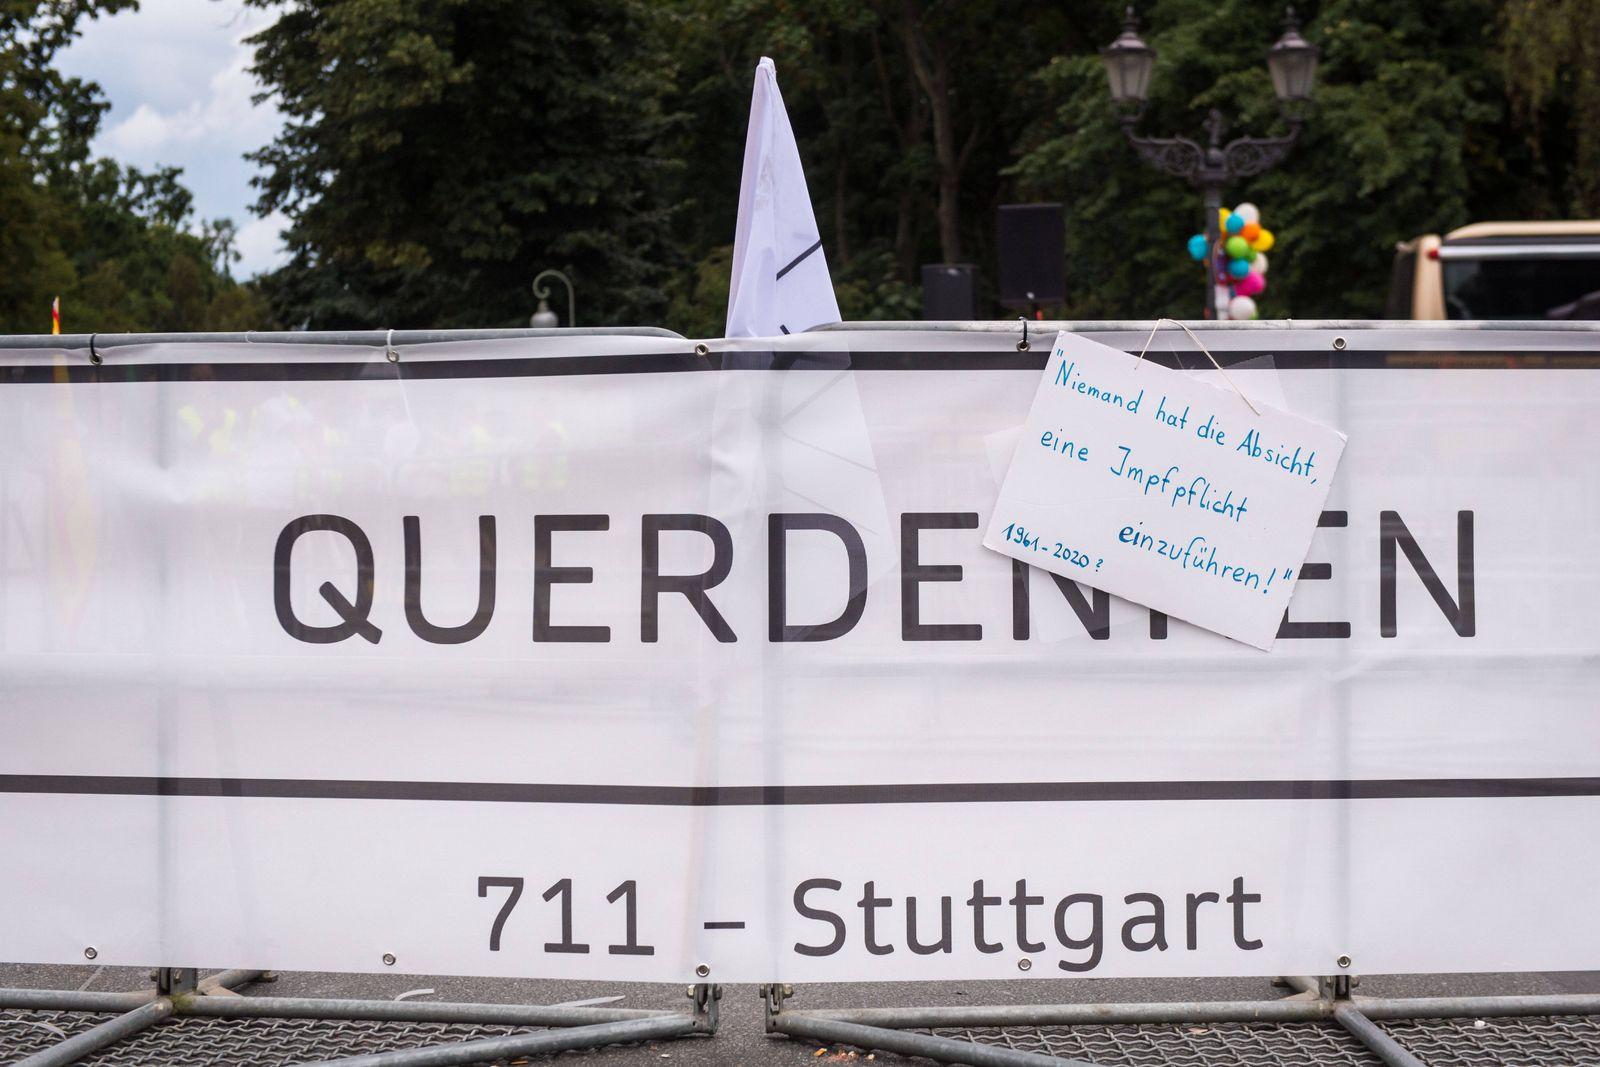 Berlin, Proteste gegen die aktuelle Coronapolitik Deutschland, Berlin - 30.08.2020: Im Bild ist ein Banner mit Querdenk